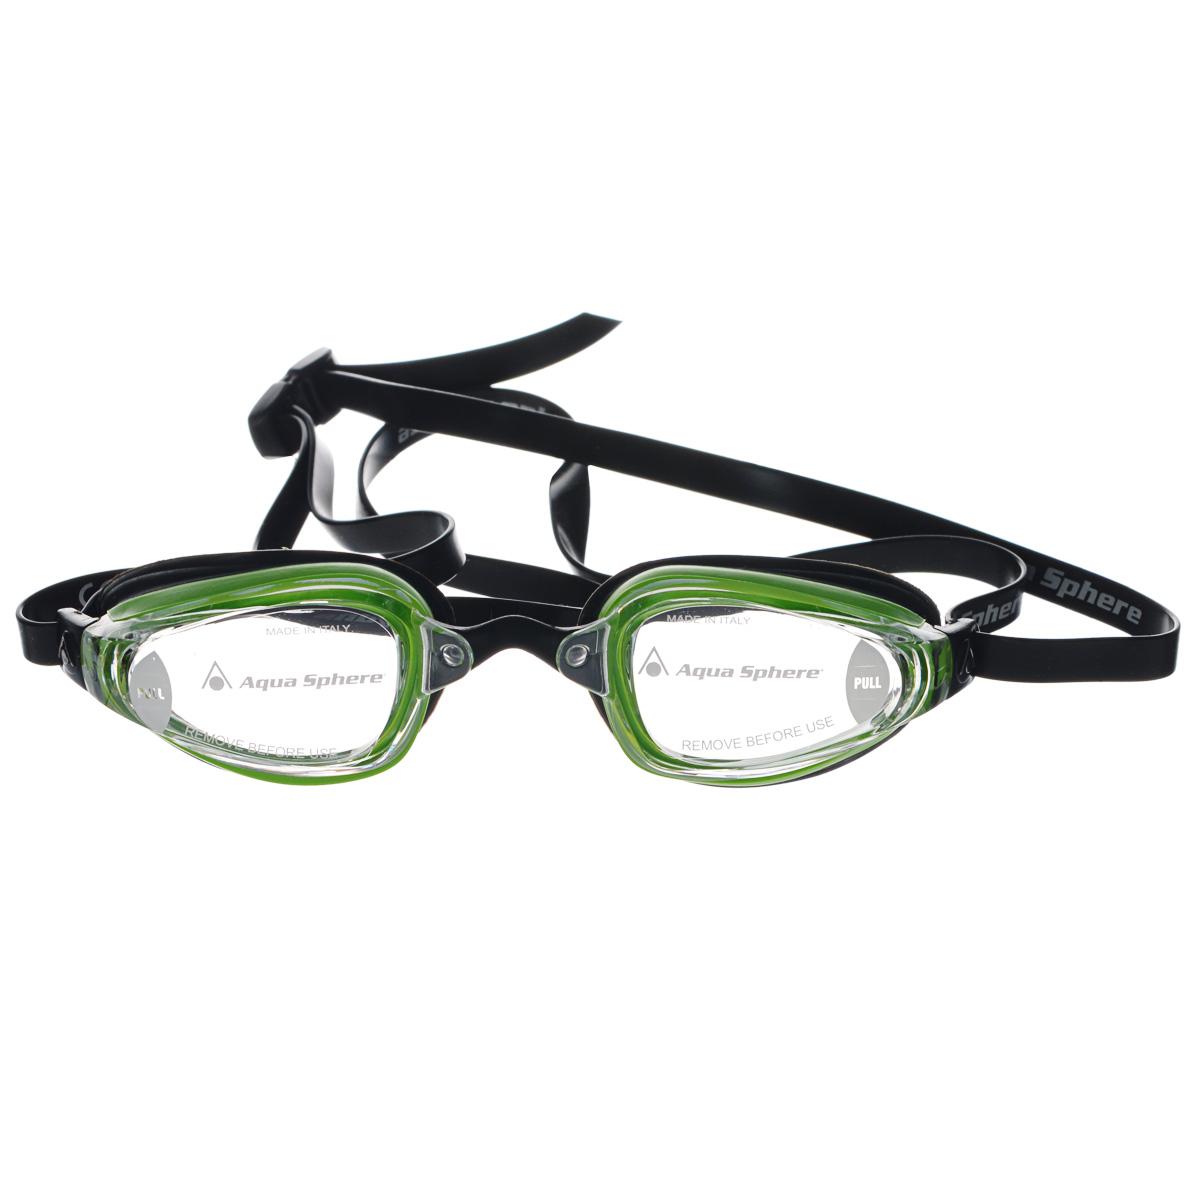 Очки для плавания Aqua Sphere K180+, цвет: зеленый, черный, прозрачный527Очки для плавания Aqua Sphere K180+ спроектированы специально для тренировок на открытой воде и соревнований. Плотное прилегание к лицу обеспечивает хорошую обтекаемость и скорость движения. Благодаря сменным перемычкам можно менять расстояние между линзами. Запатентованные изогнутые линзы дают прекрасный обзор на 180° - без искажений. Очки дают 100% защиту от ультрафиолетового излучения. В комплекте 3 сменных перемычки.